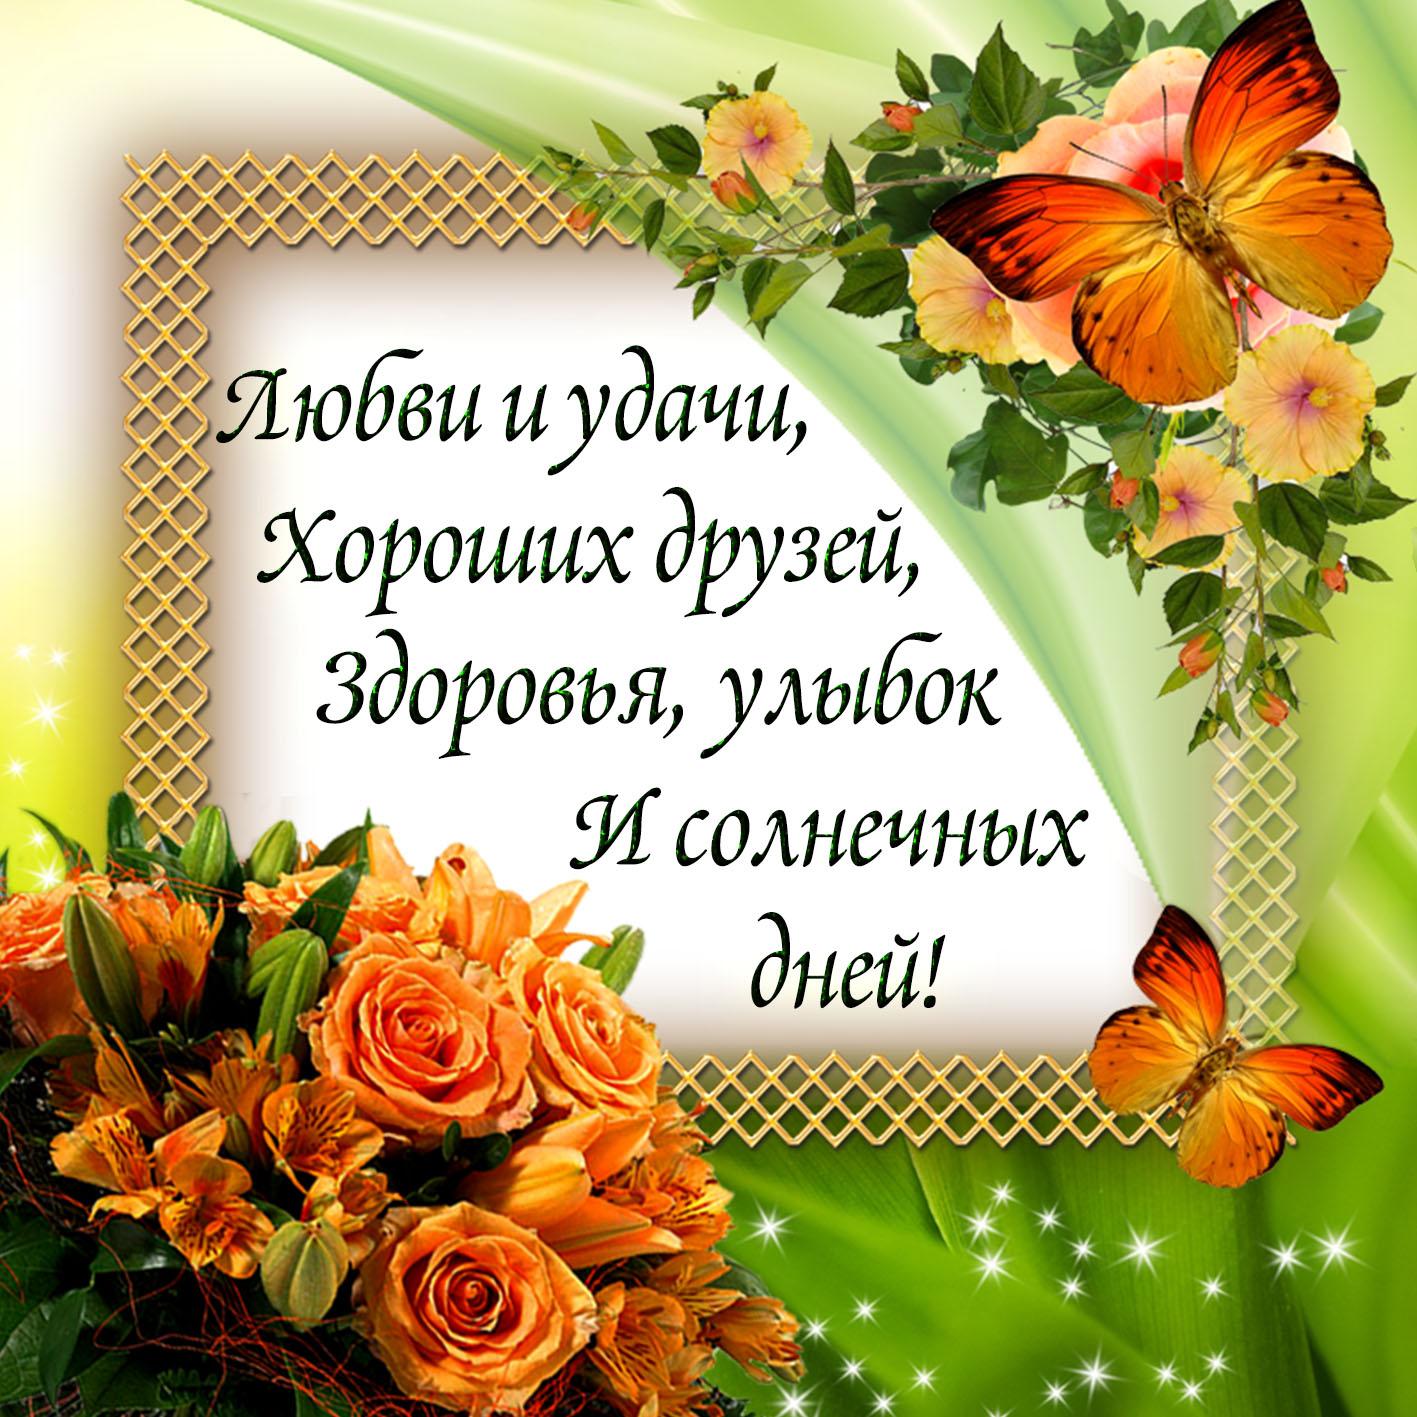 Открытка - пожелание любви и удачи на ярком фоне